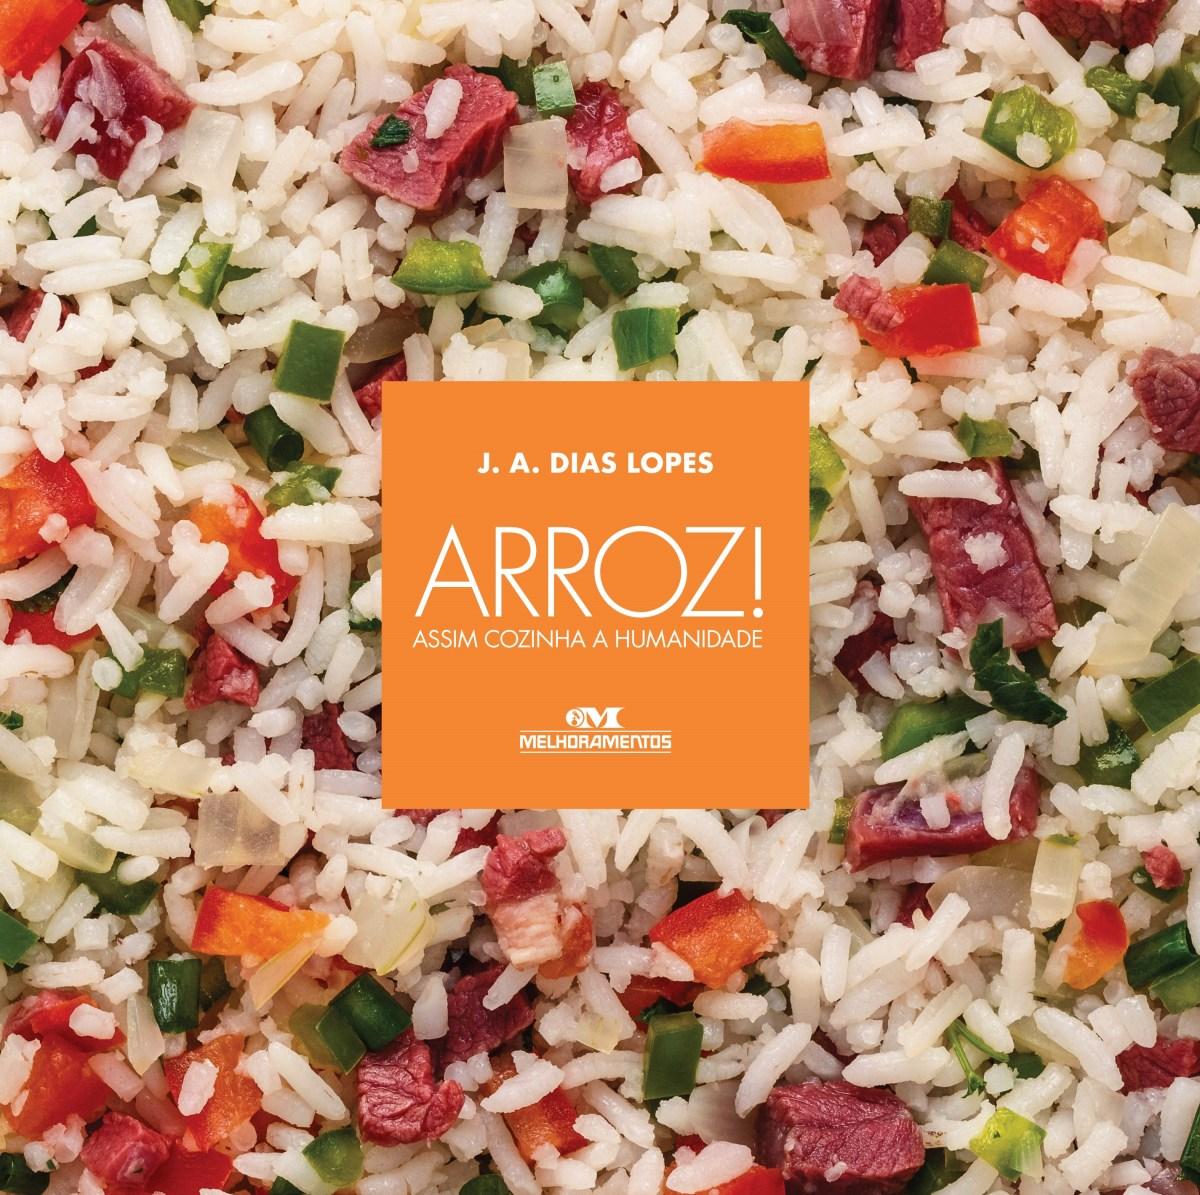 Livro traz 12 receitas e histórias inusitadas com arroz